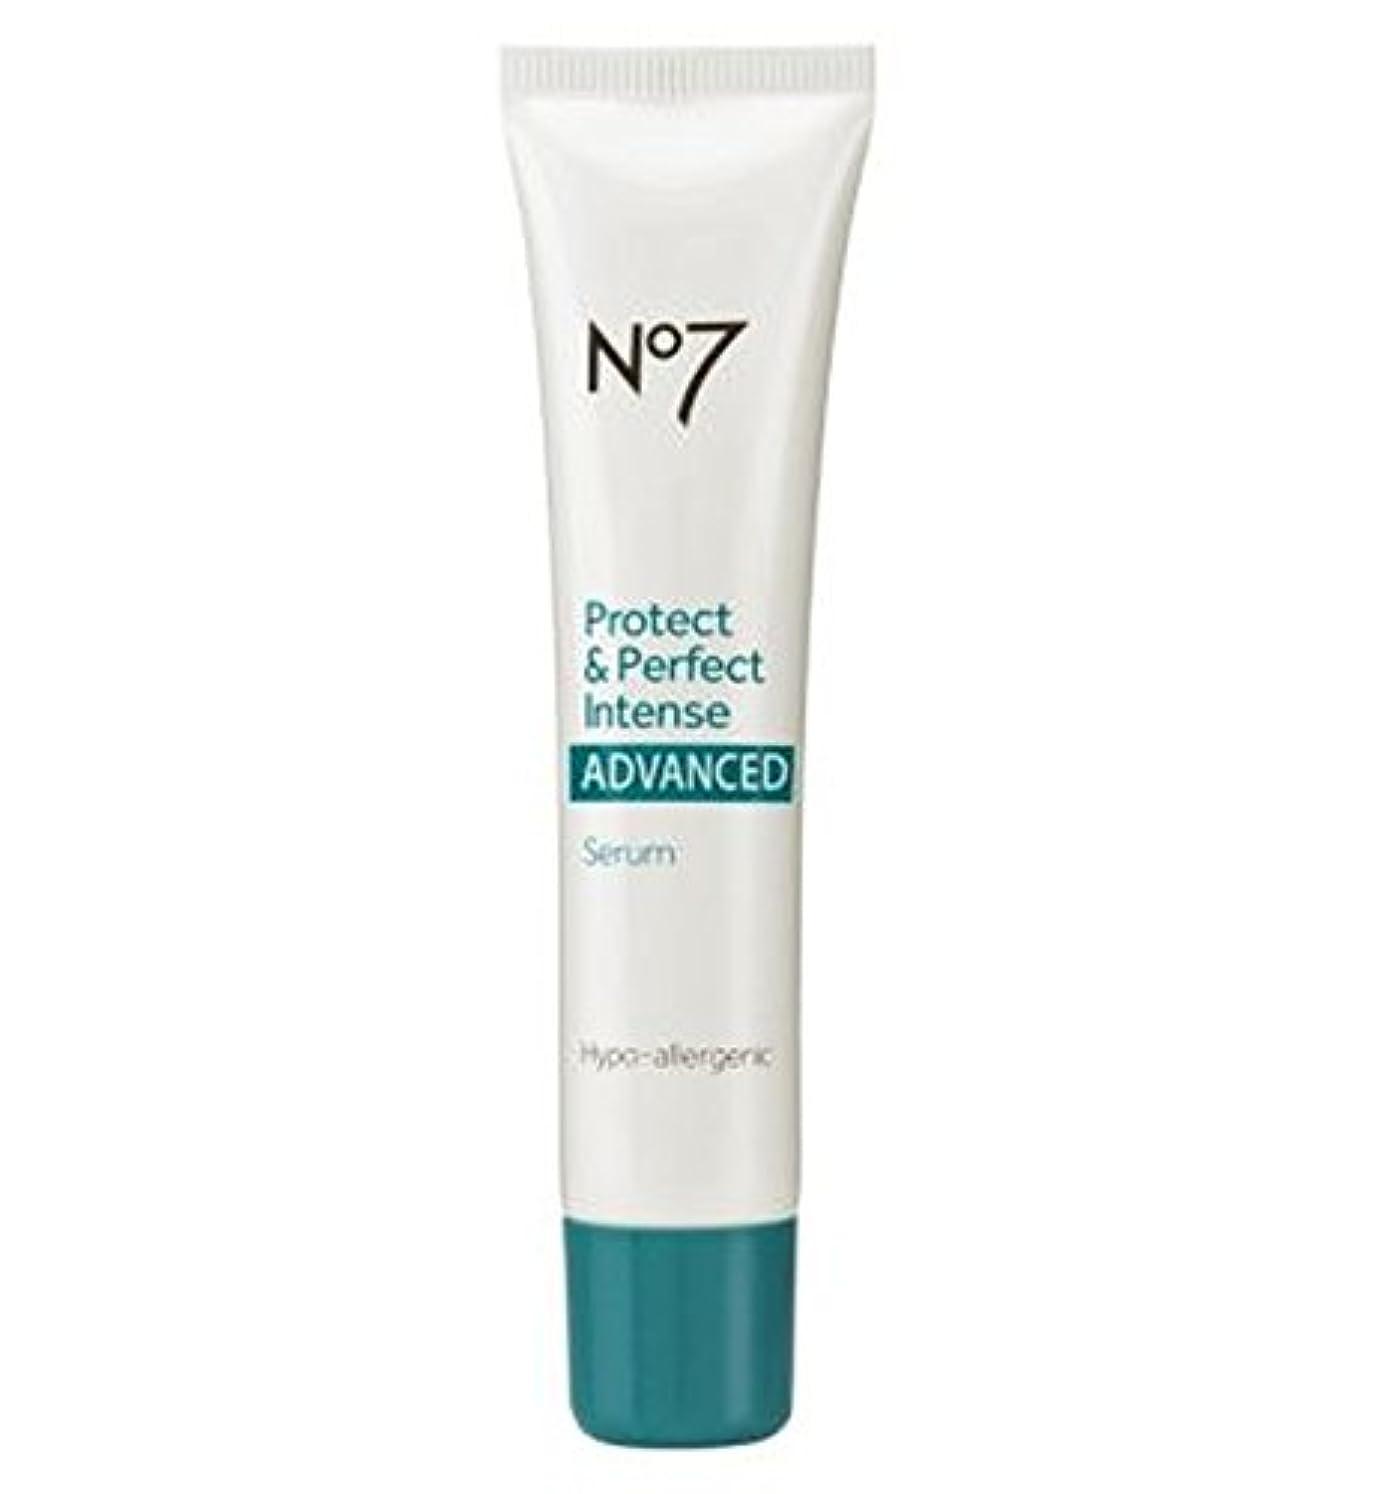 宇宙テザー配管工No7 Protect & Perfect Intense ADVANCED Serum 30ml - No7保護&完璧な強烈な高度な血清30ミリリットル (No7) [並行輸入品]